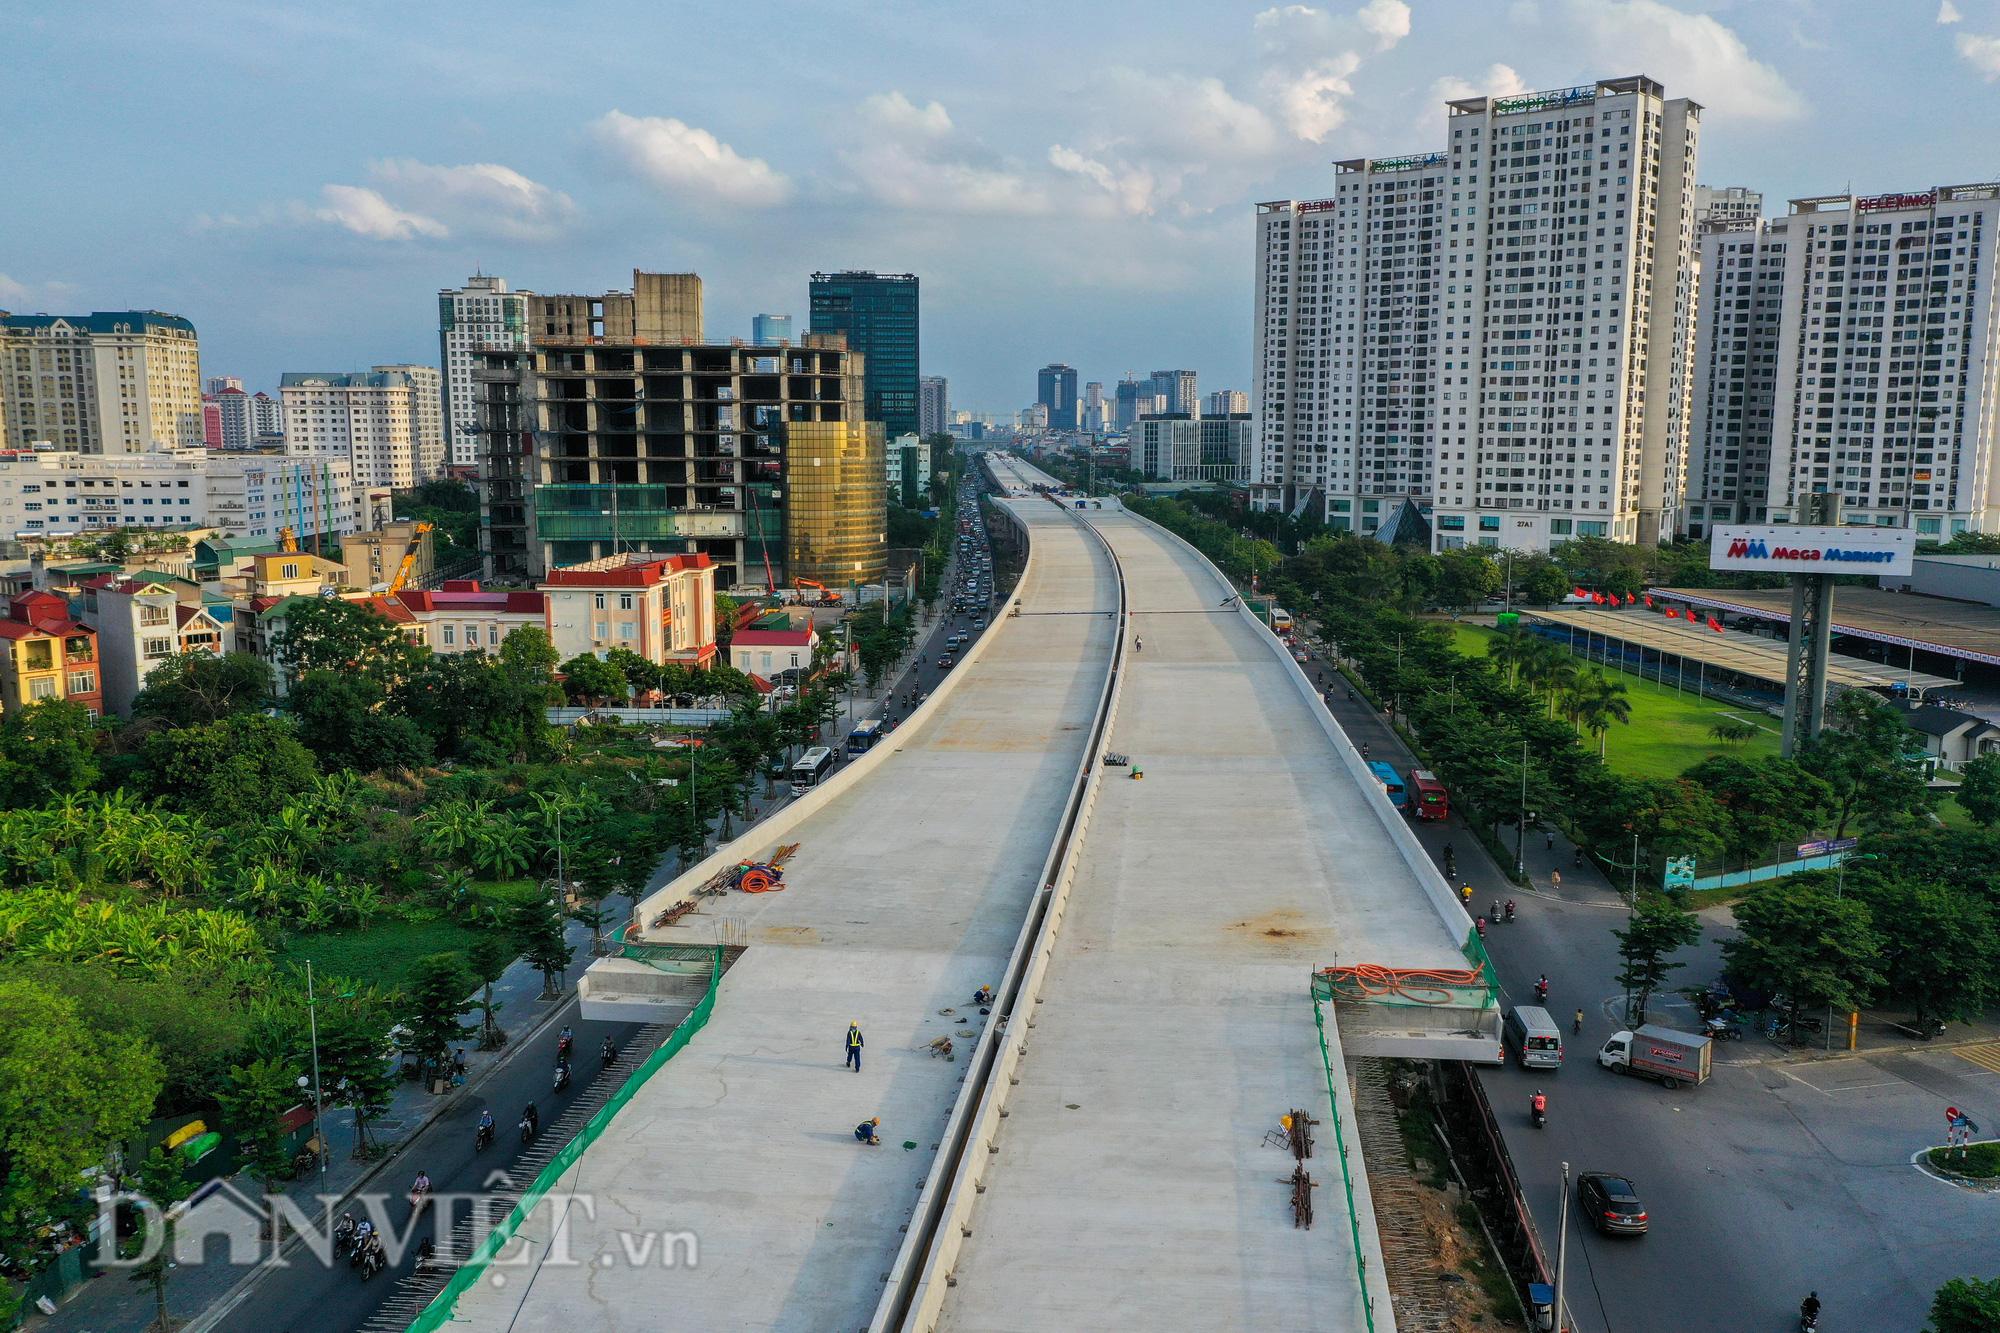 Gấp rút thi công đường vành đai 3 trên cao đón 1010 năm Thăng Long - Hà Nội - Ảnh 14.